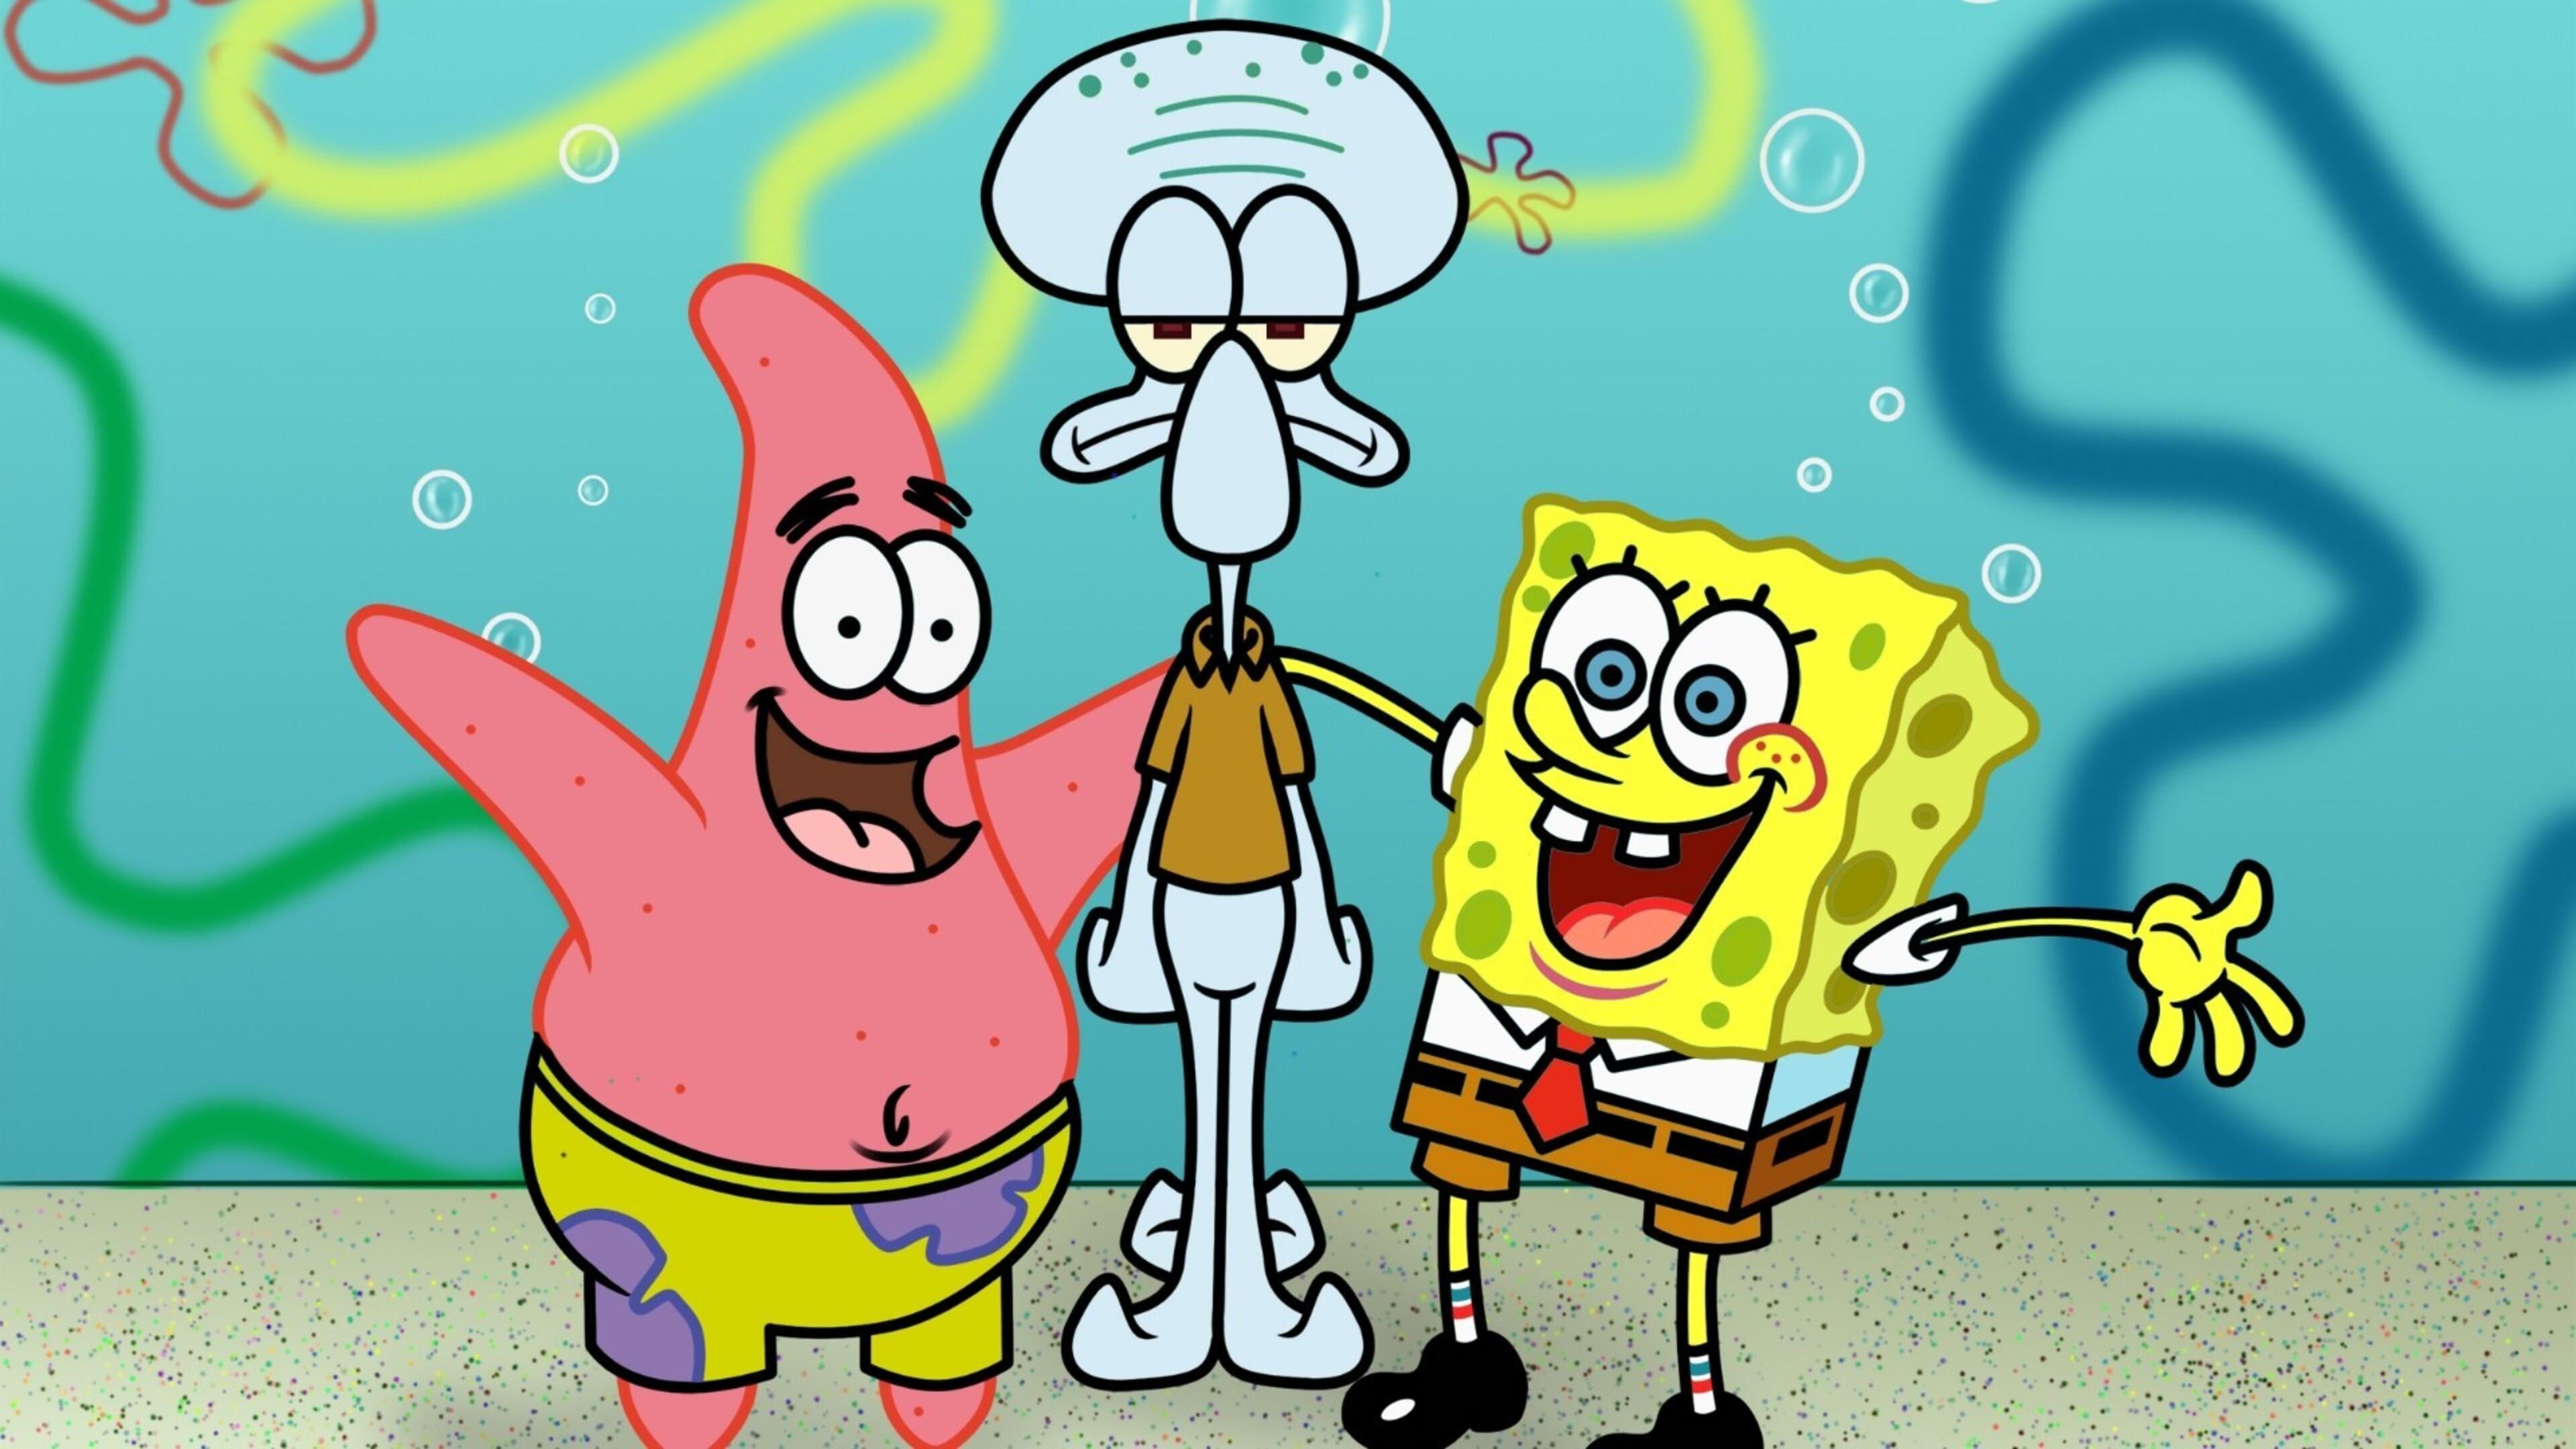 3840x2160 Spongebob Squarepants 4k HD 4k Wallpapers ...